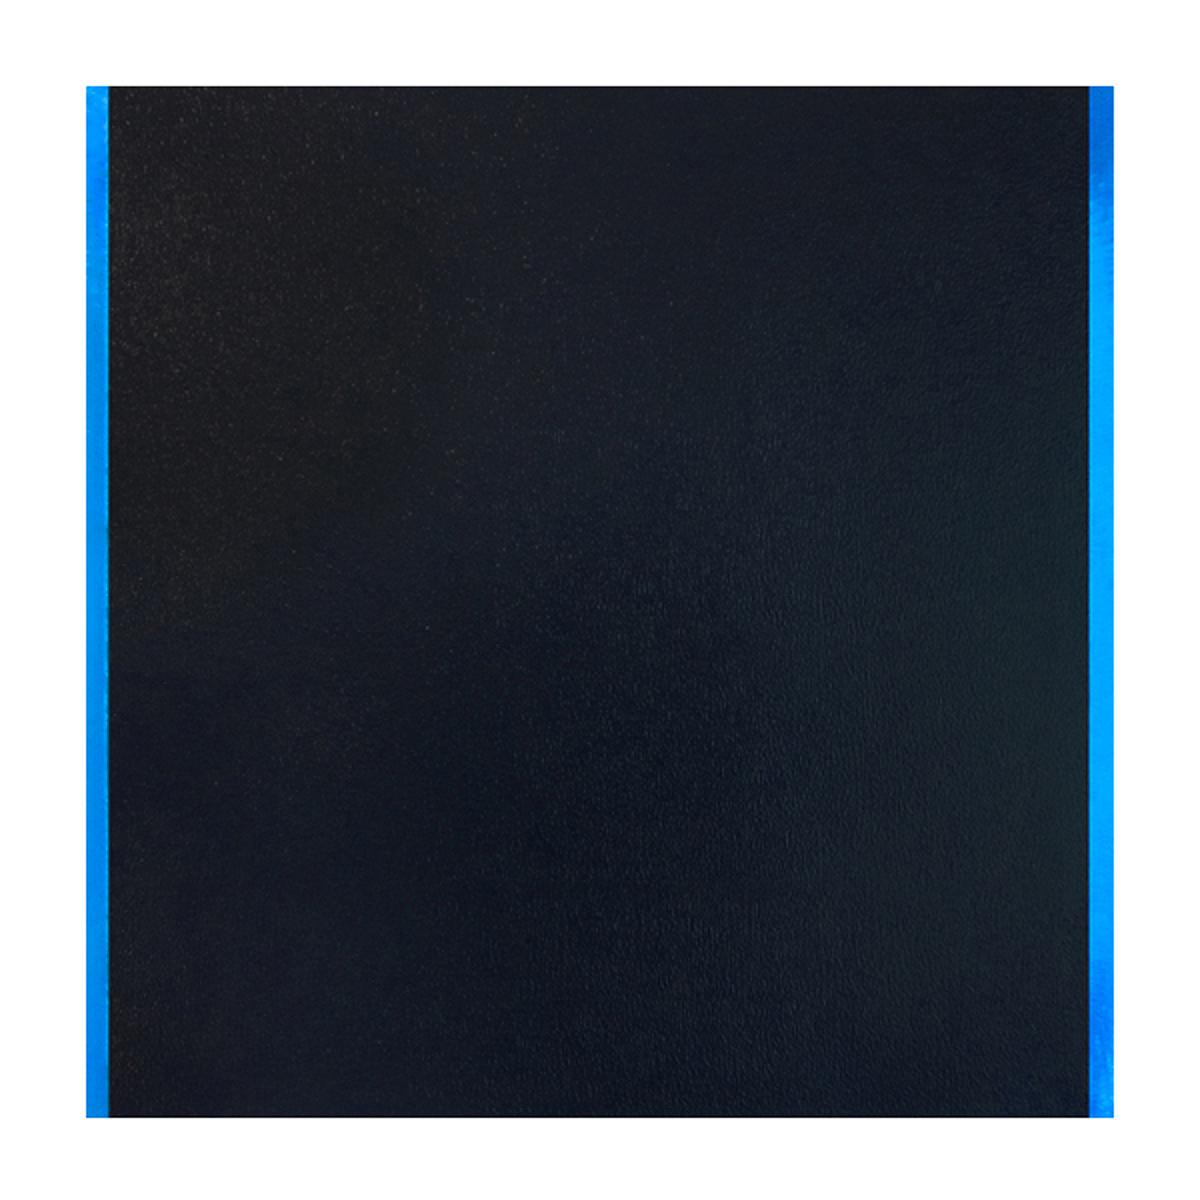 Peinture phosphorescente - A. jour